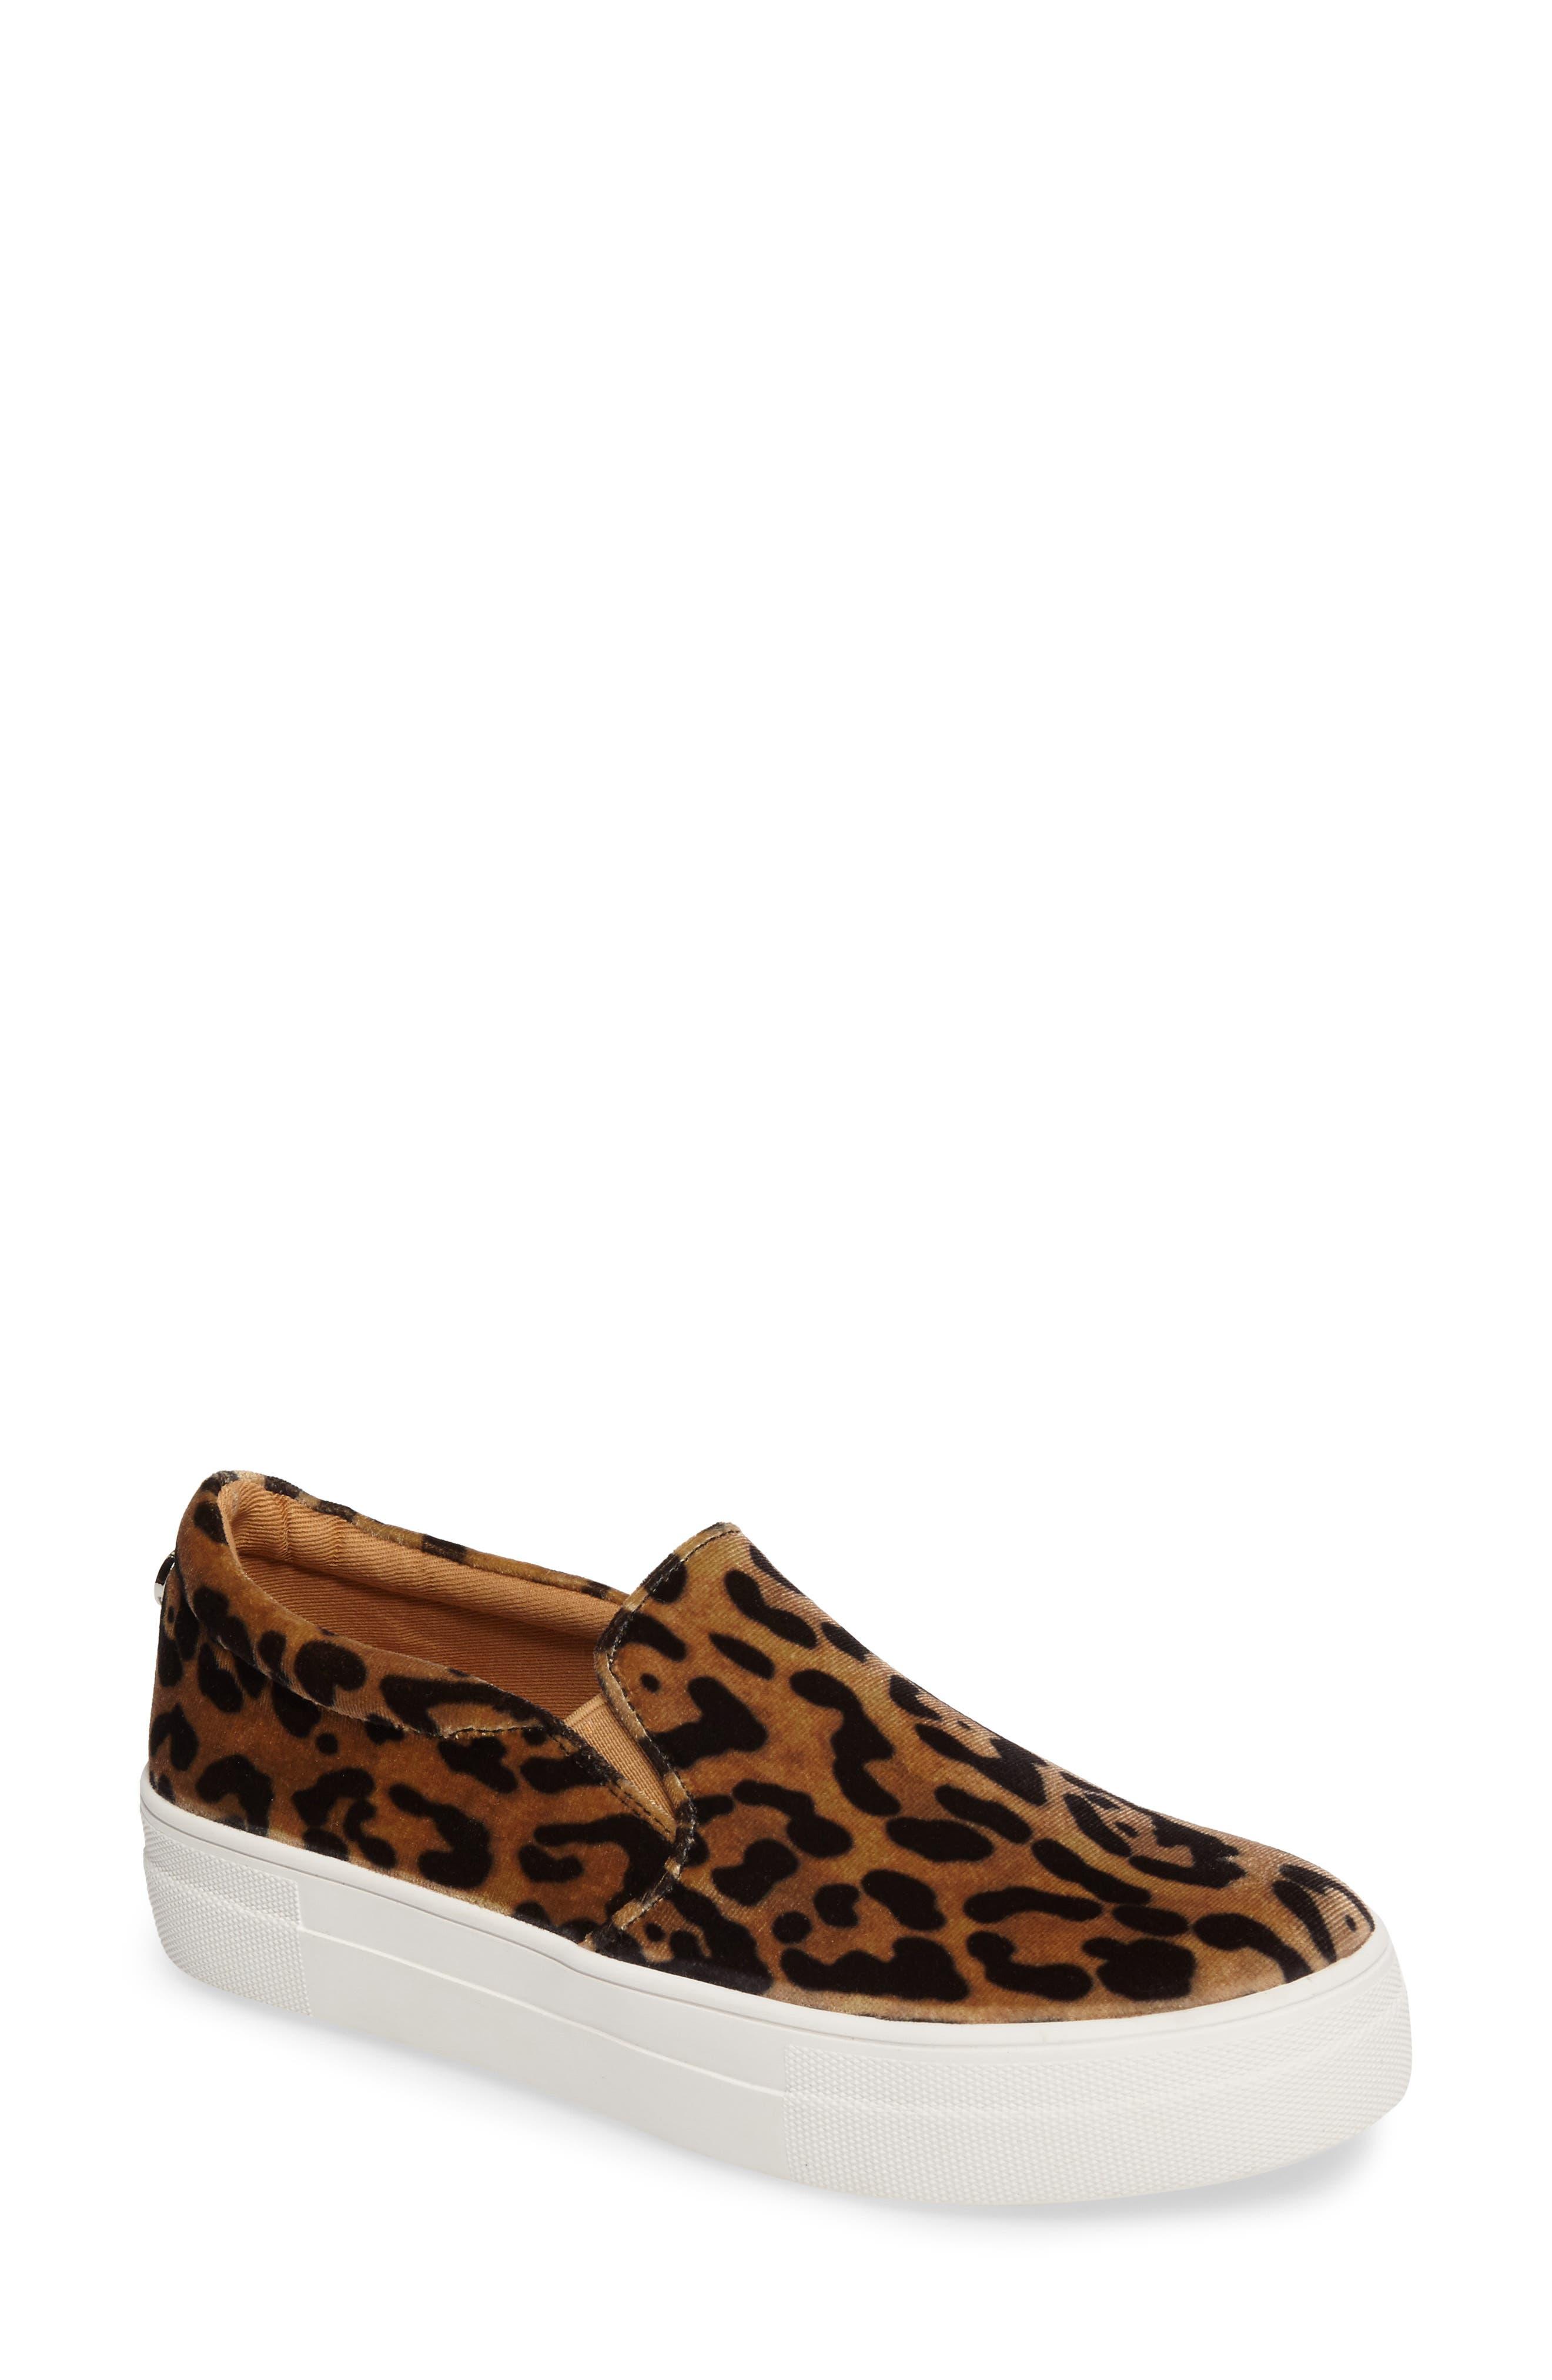 Gills Platform Slip-On Sneaker,                         Main,                         color, Leopard